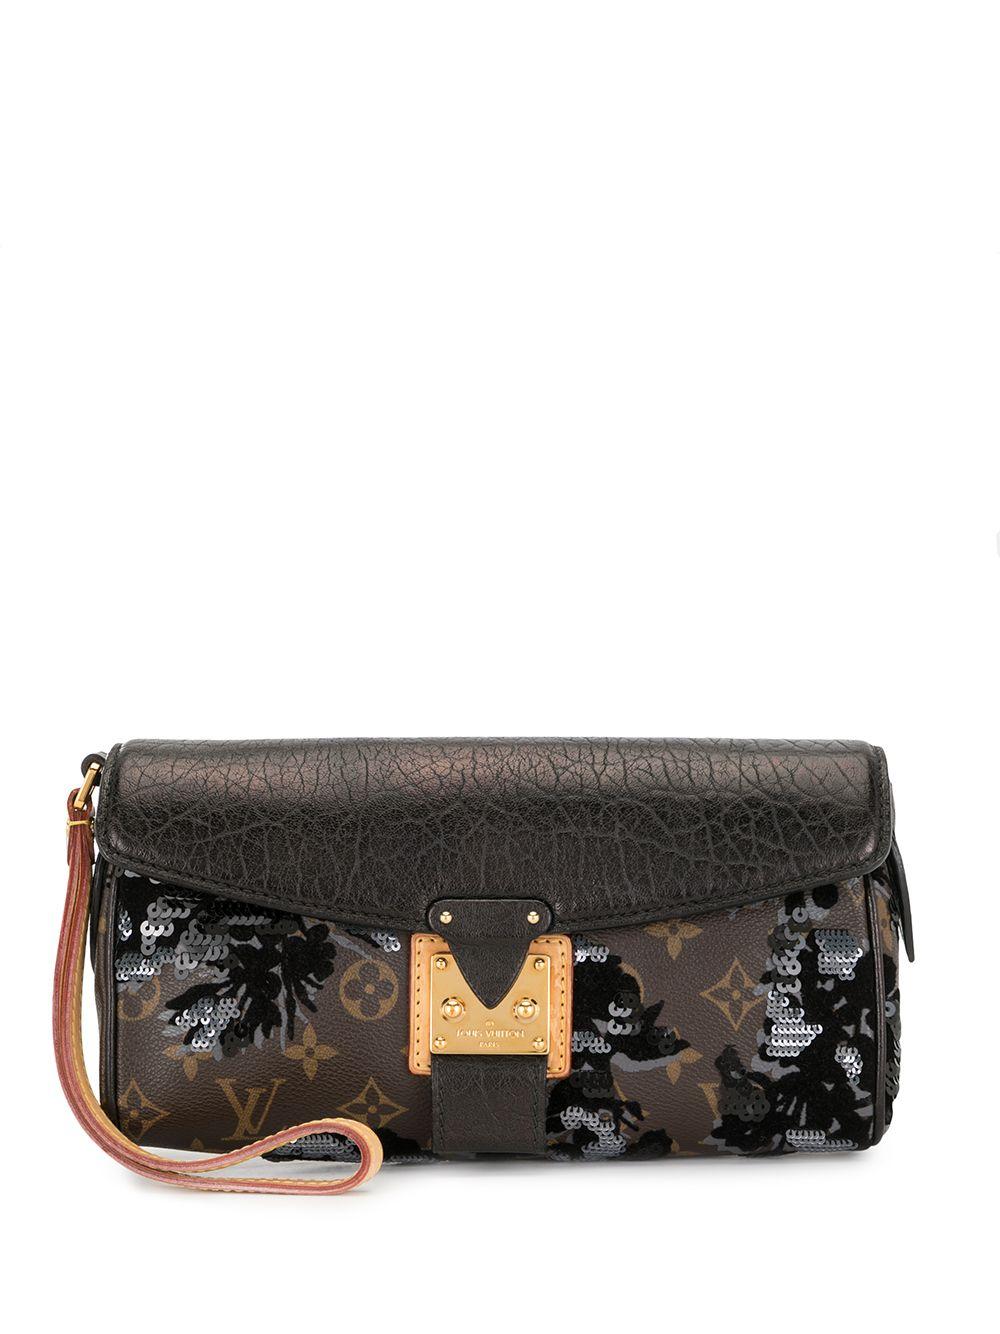 Louis Vuitton 2010s pre-owned Fleur De Jais Manege Clutch - Schwarz